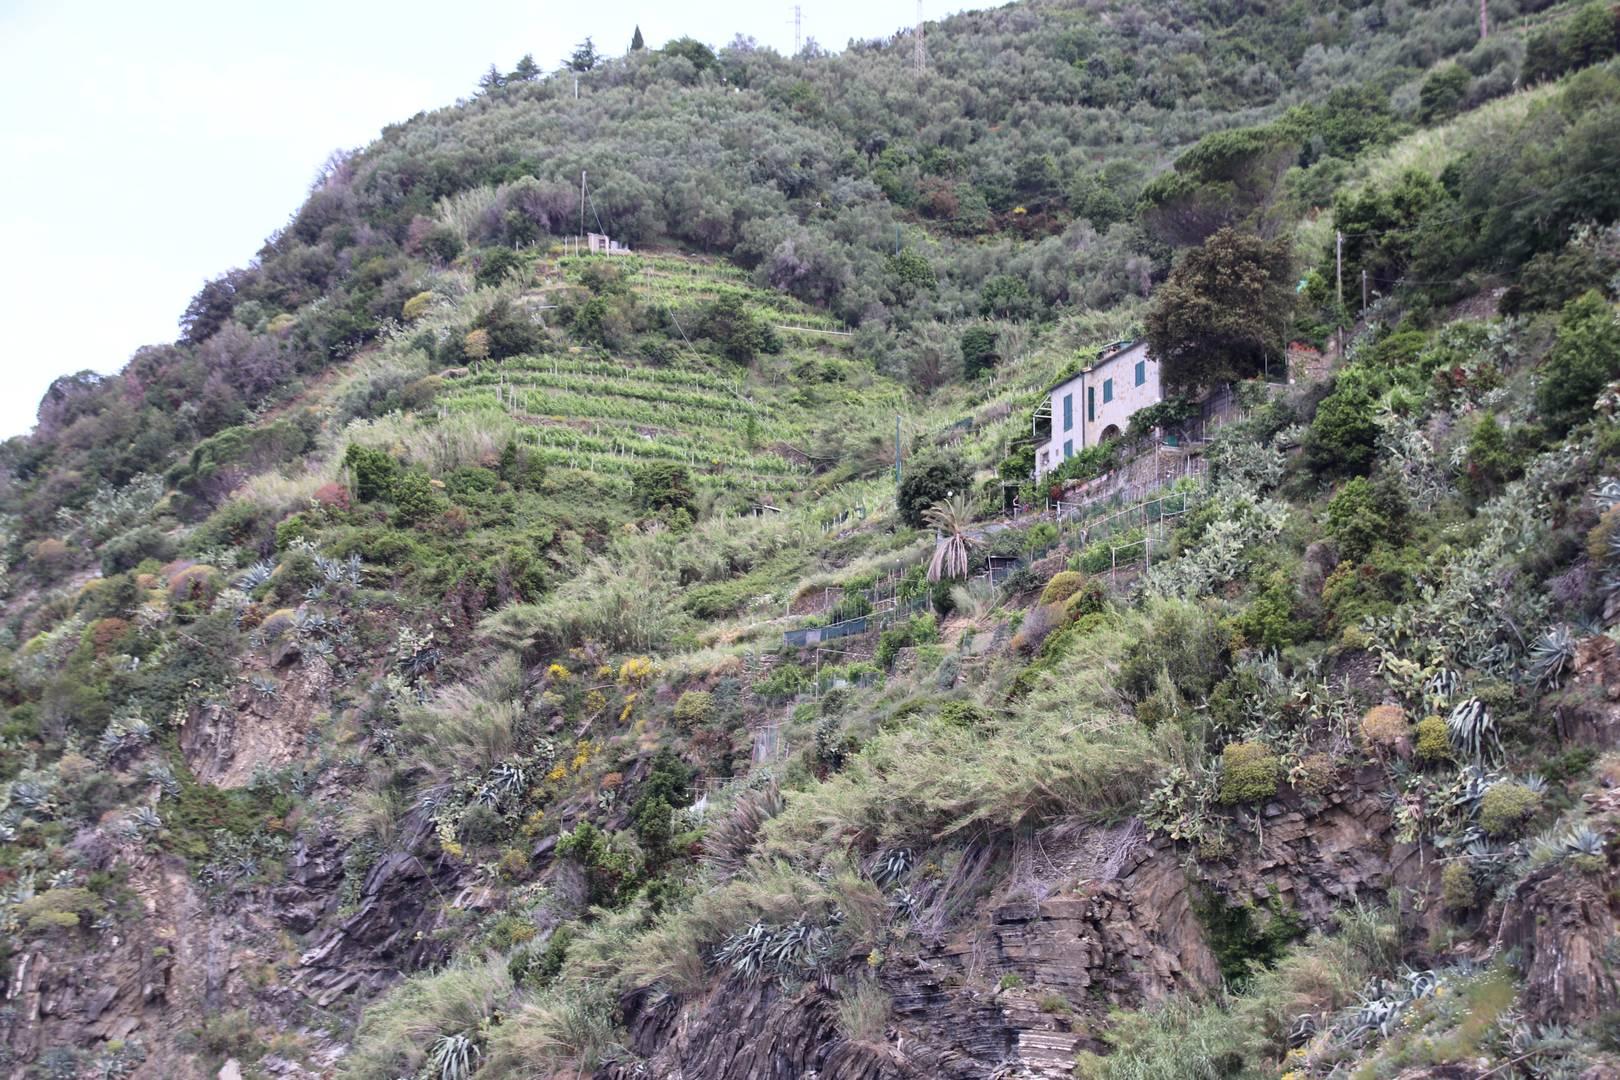 Italie - Cultures en terrasses dans le village de Vernazza, parc des cinque terre